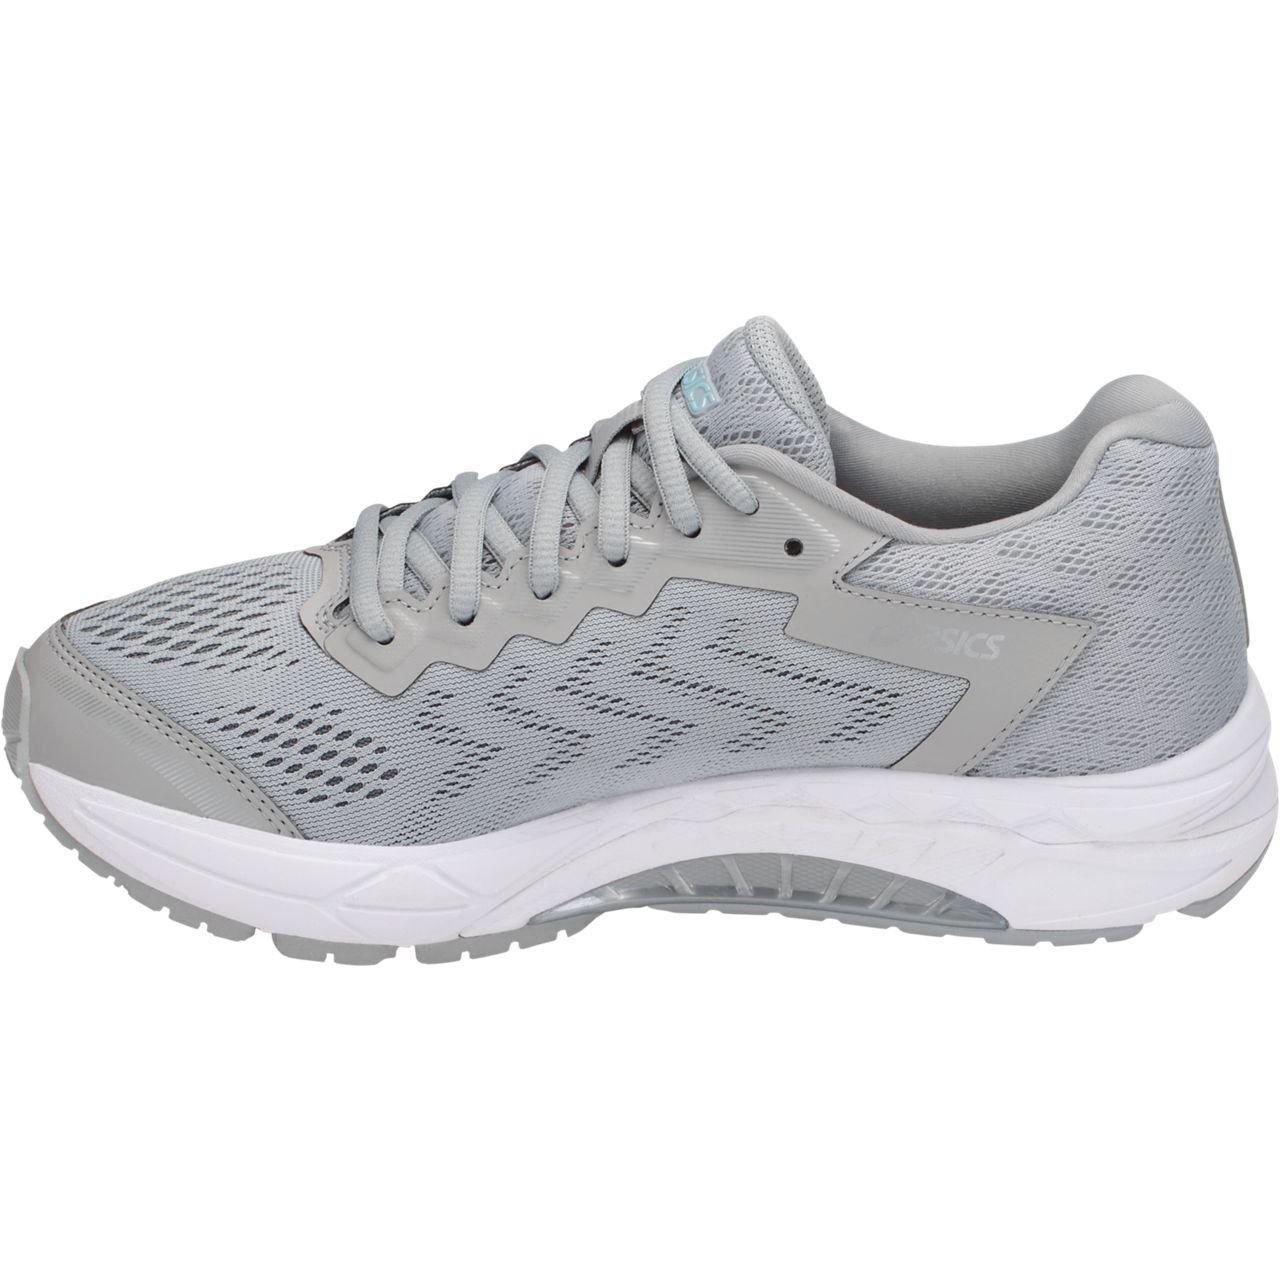 Asics de mujer Gel-fortaleza 8 Calzado Calzado Calzado para Correr gris medio blancoo Azul Porcelana Talla 11  calidad oficial